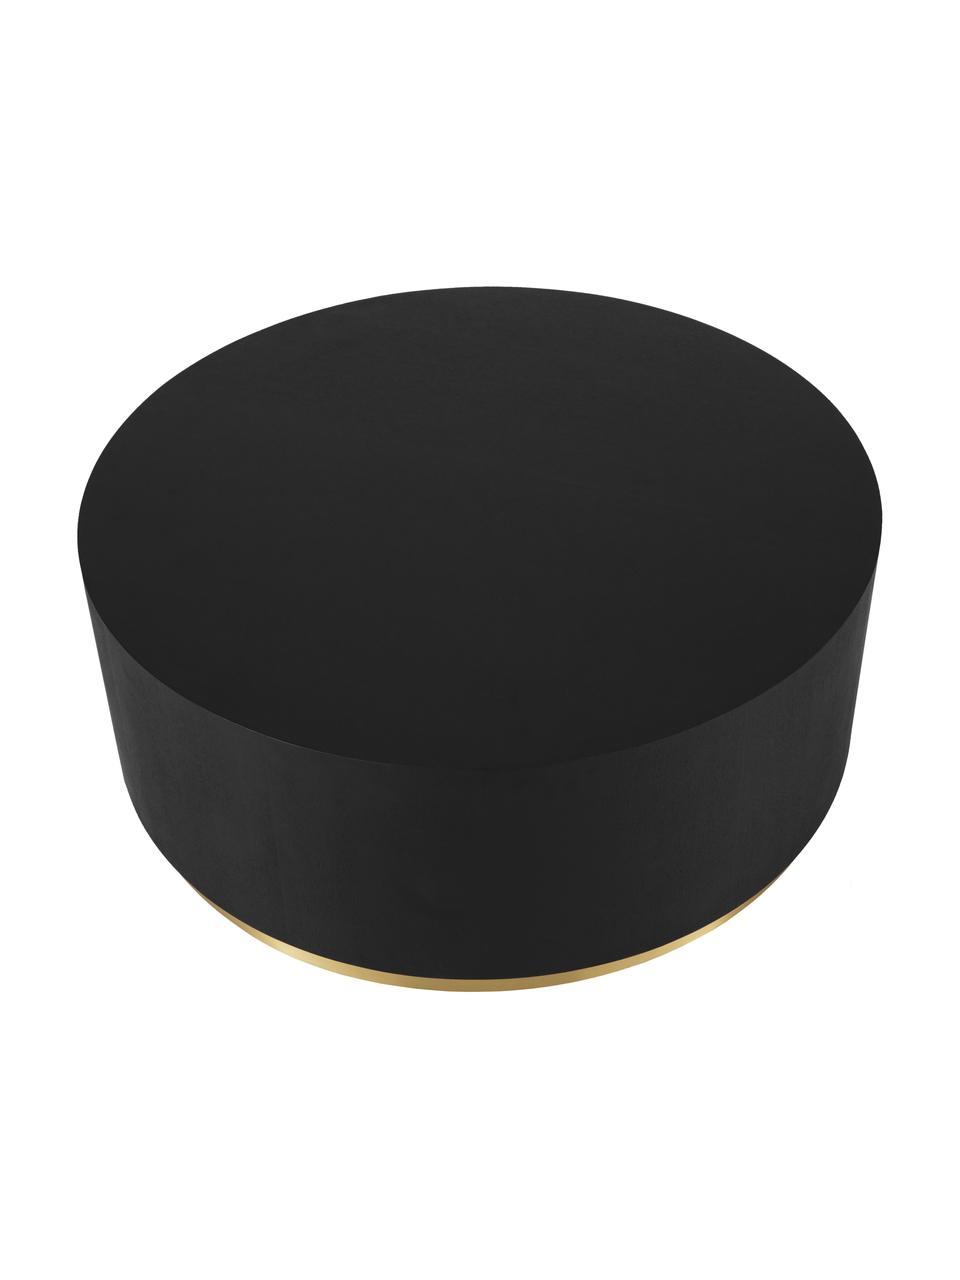 Okrągły stolik kawowy Clarice, Korpus: płyta pilśniowa średniej , Noga: metal powlekany, Korpus: drewno jesionowe, czarny lakierowany Noga: odcienie złotego, Ø 90 x W 35 cm